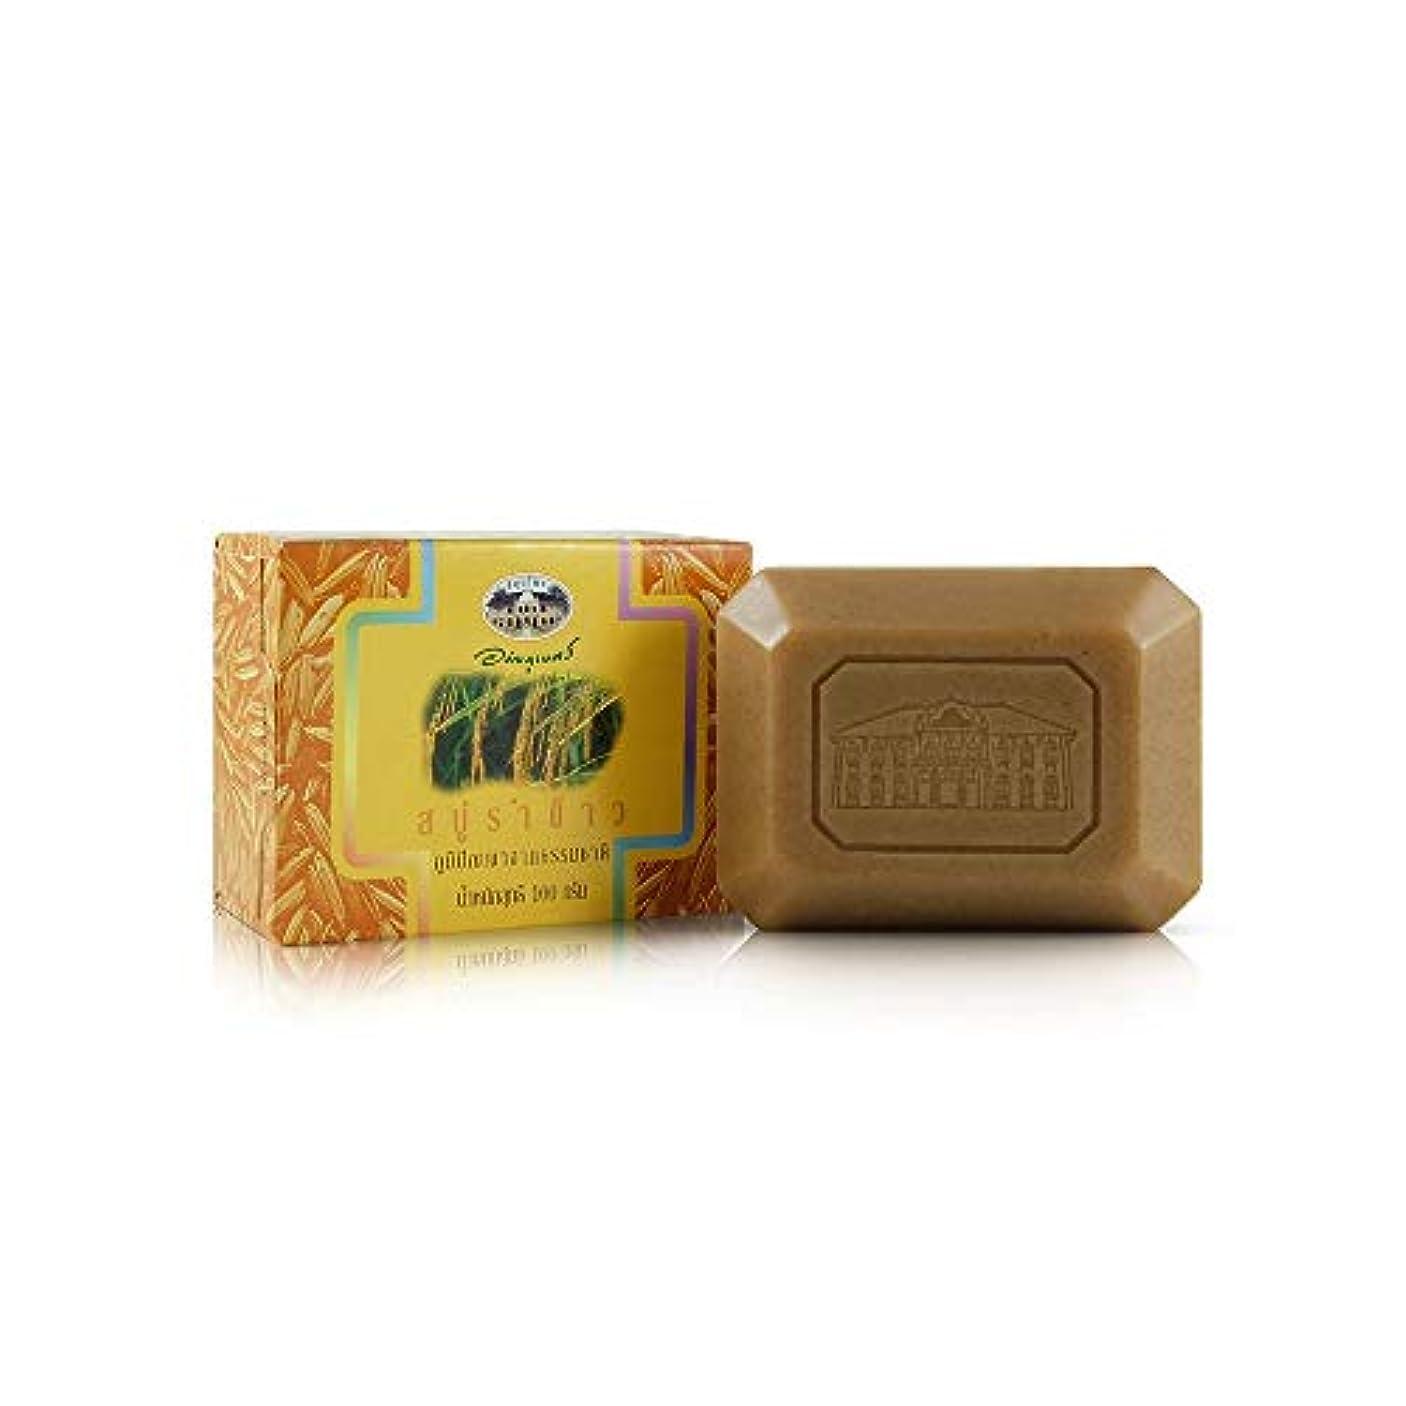 調査決定崇拝するAbhaibhubejhr Rice Bran Herbal Body Cleansing Soap 100g. Abhaibhubejhrライスブランハーブボディクレンジングソープ100グラム。